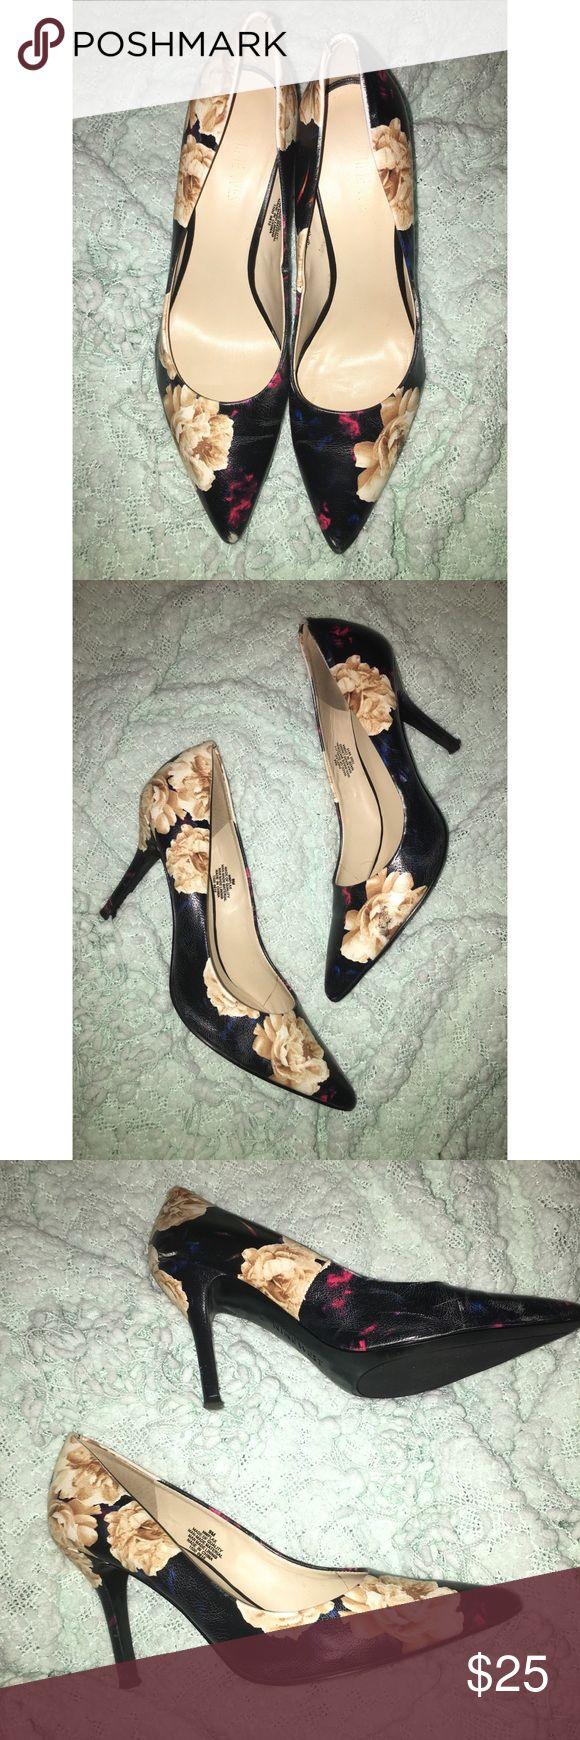 NINE WEST Women's Pumps NINE WEST Brand New Classic Floral Pumps Size 9 Nine West Shoes Heels